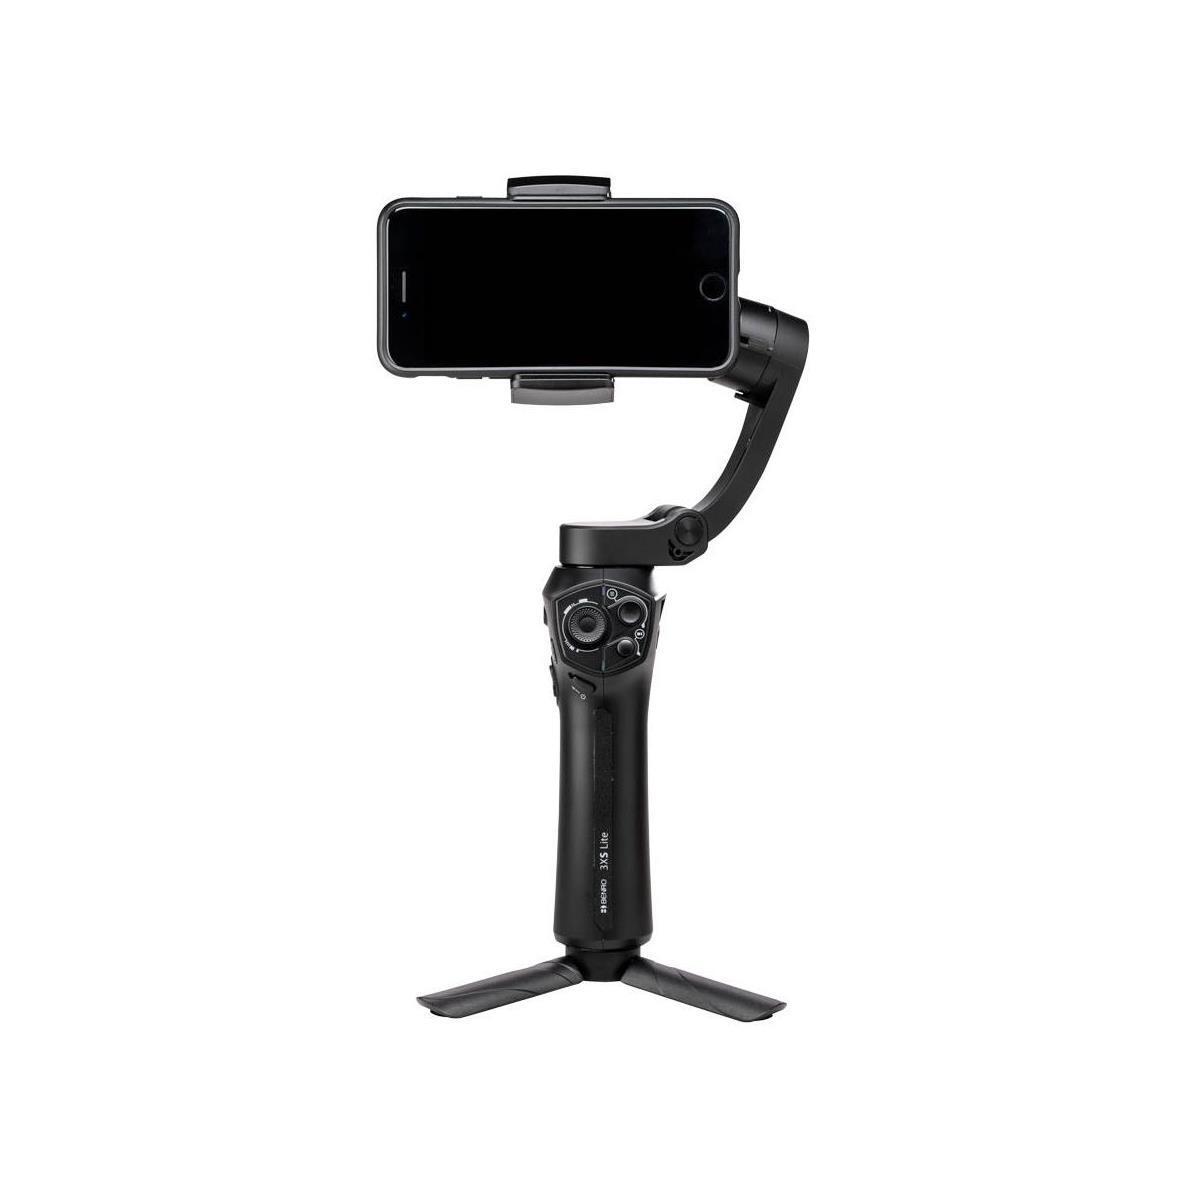 Benro X Series 3XSLite Smartphone Gimbal main image